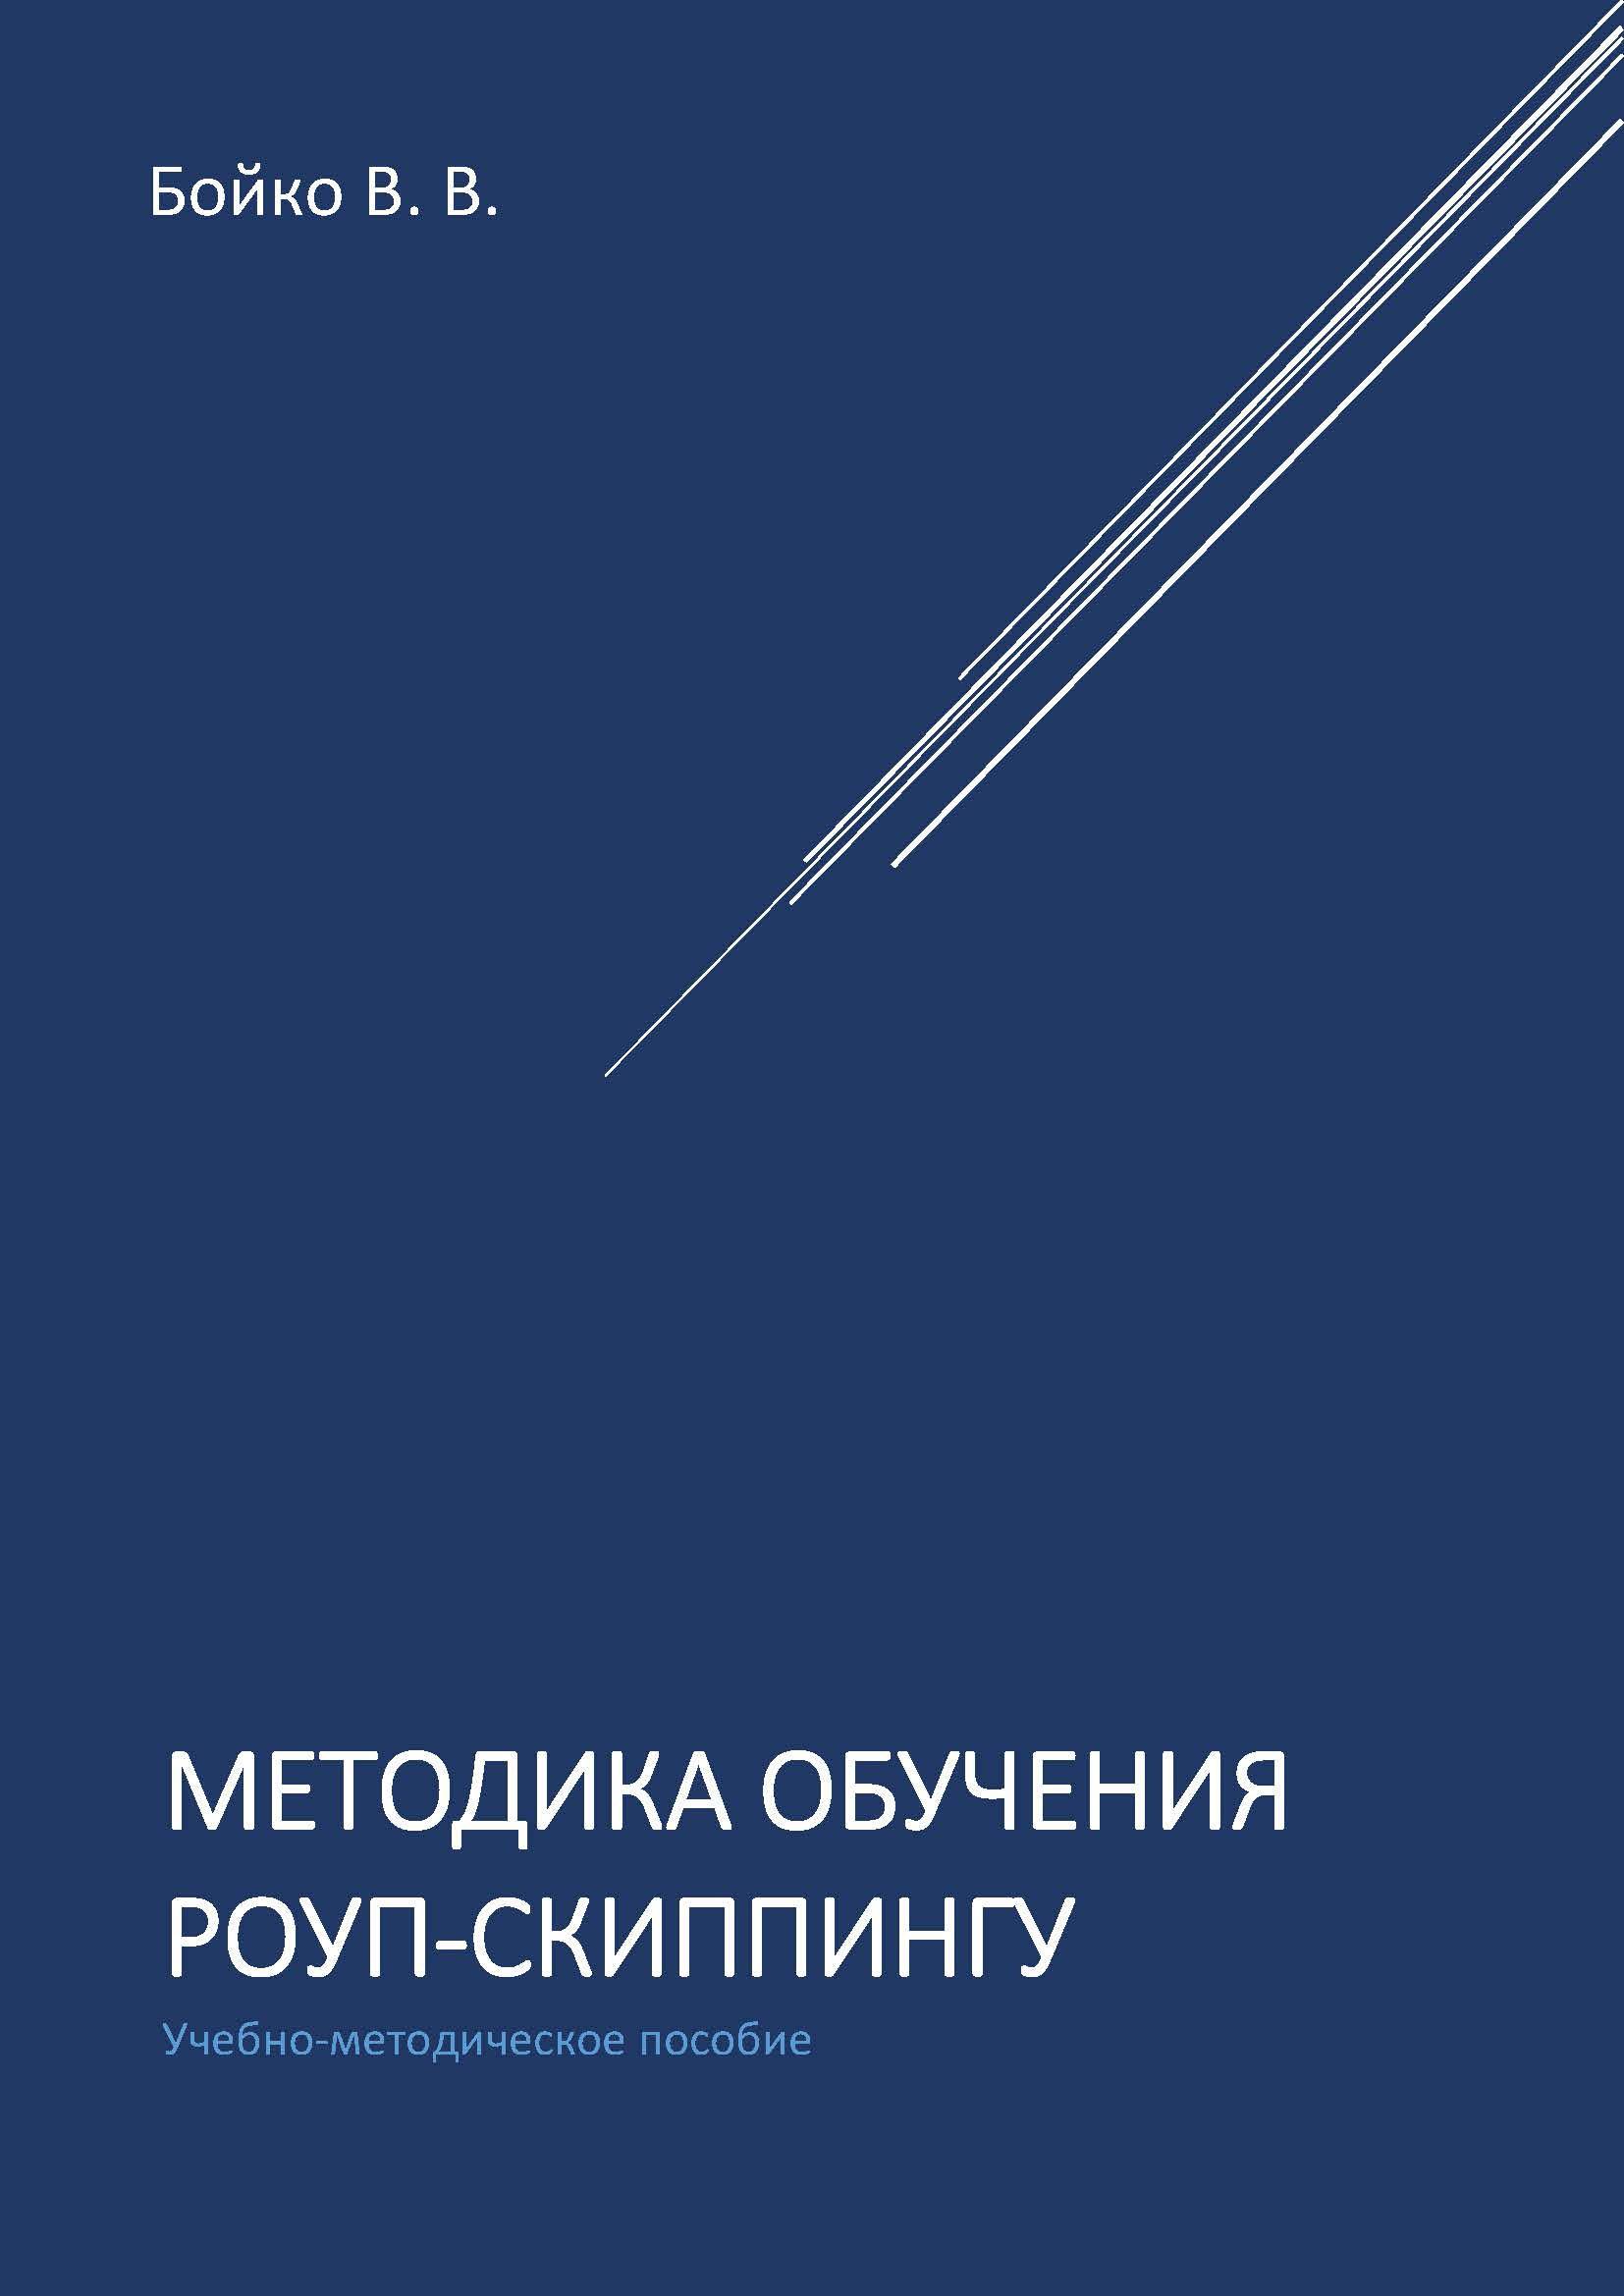 В. В. Бойко Методика обучения роуп-скиппингу